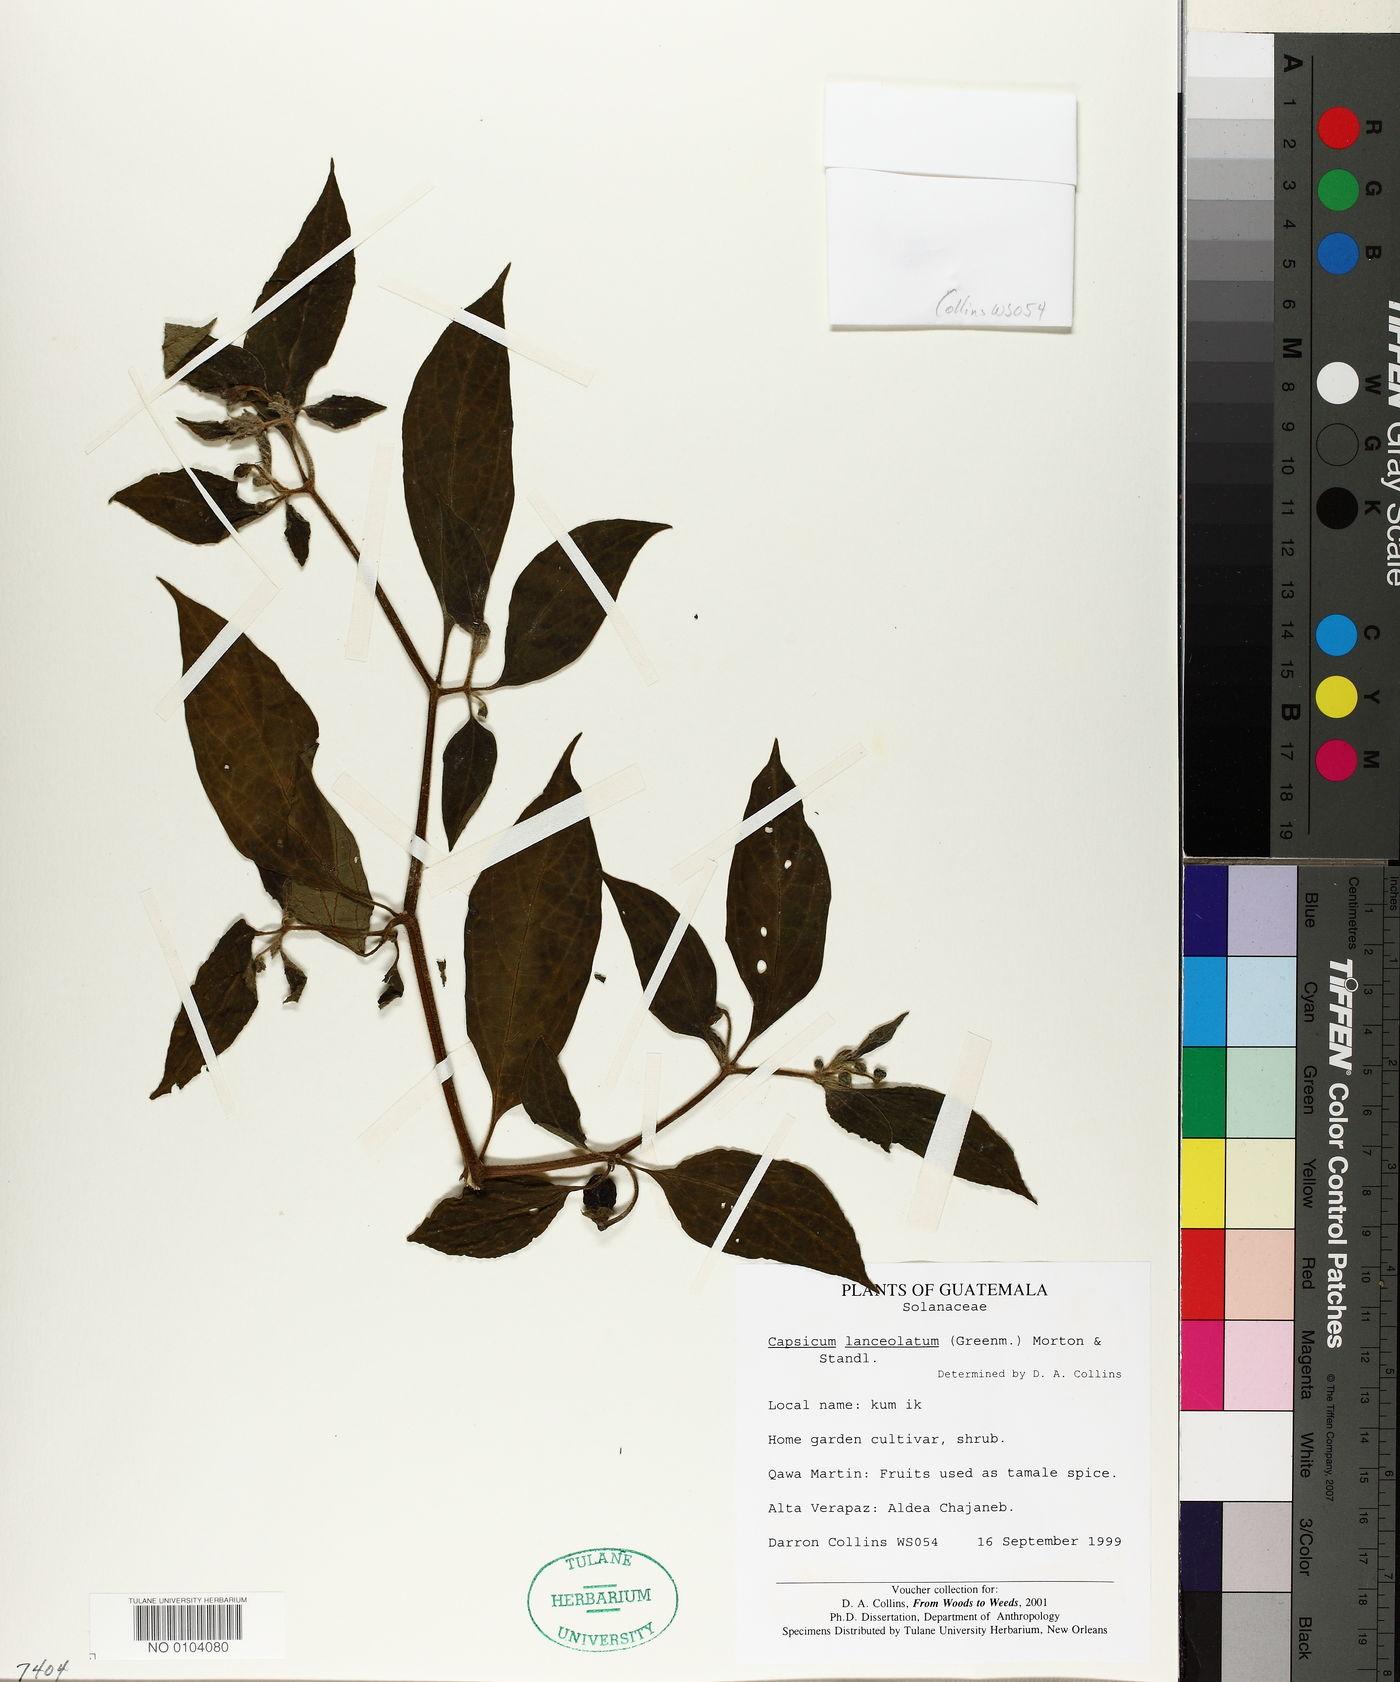 Capsicum lanceolatum image